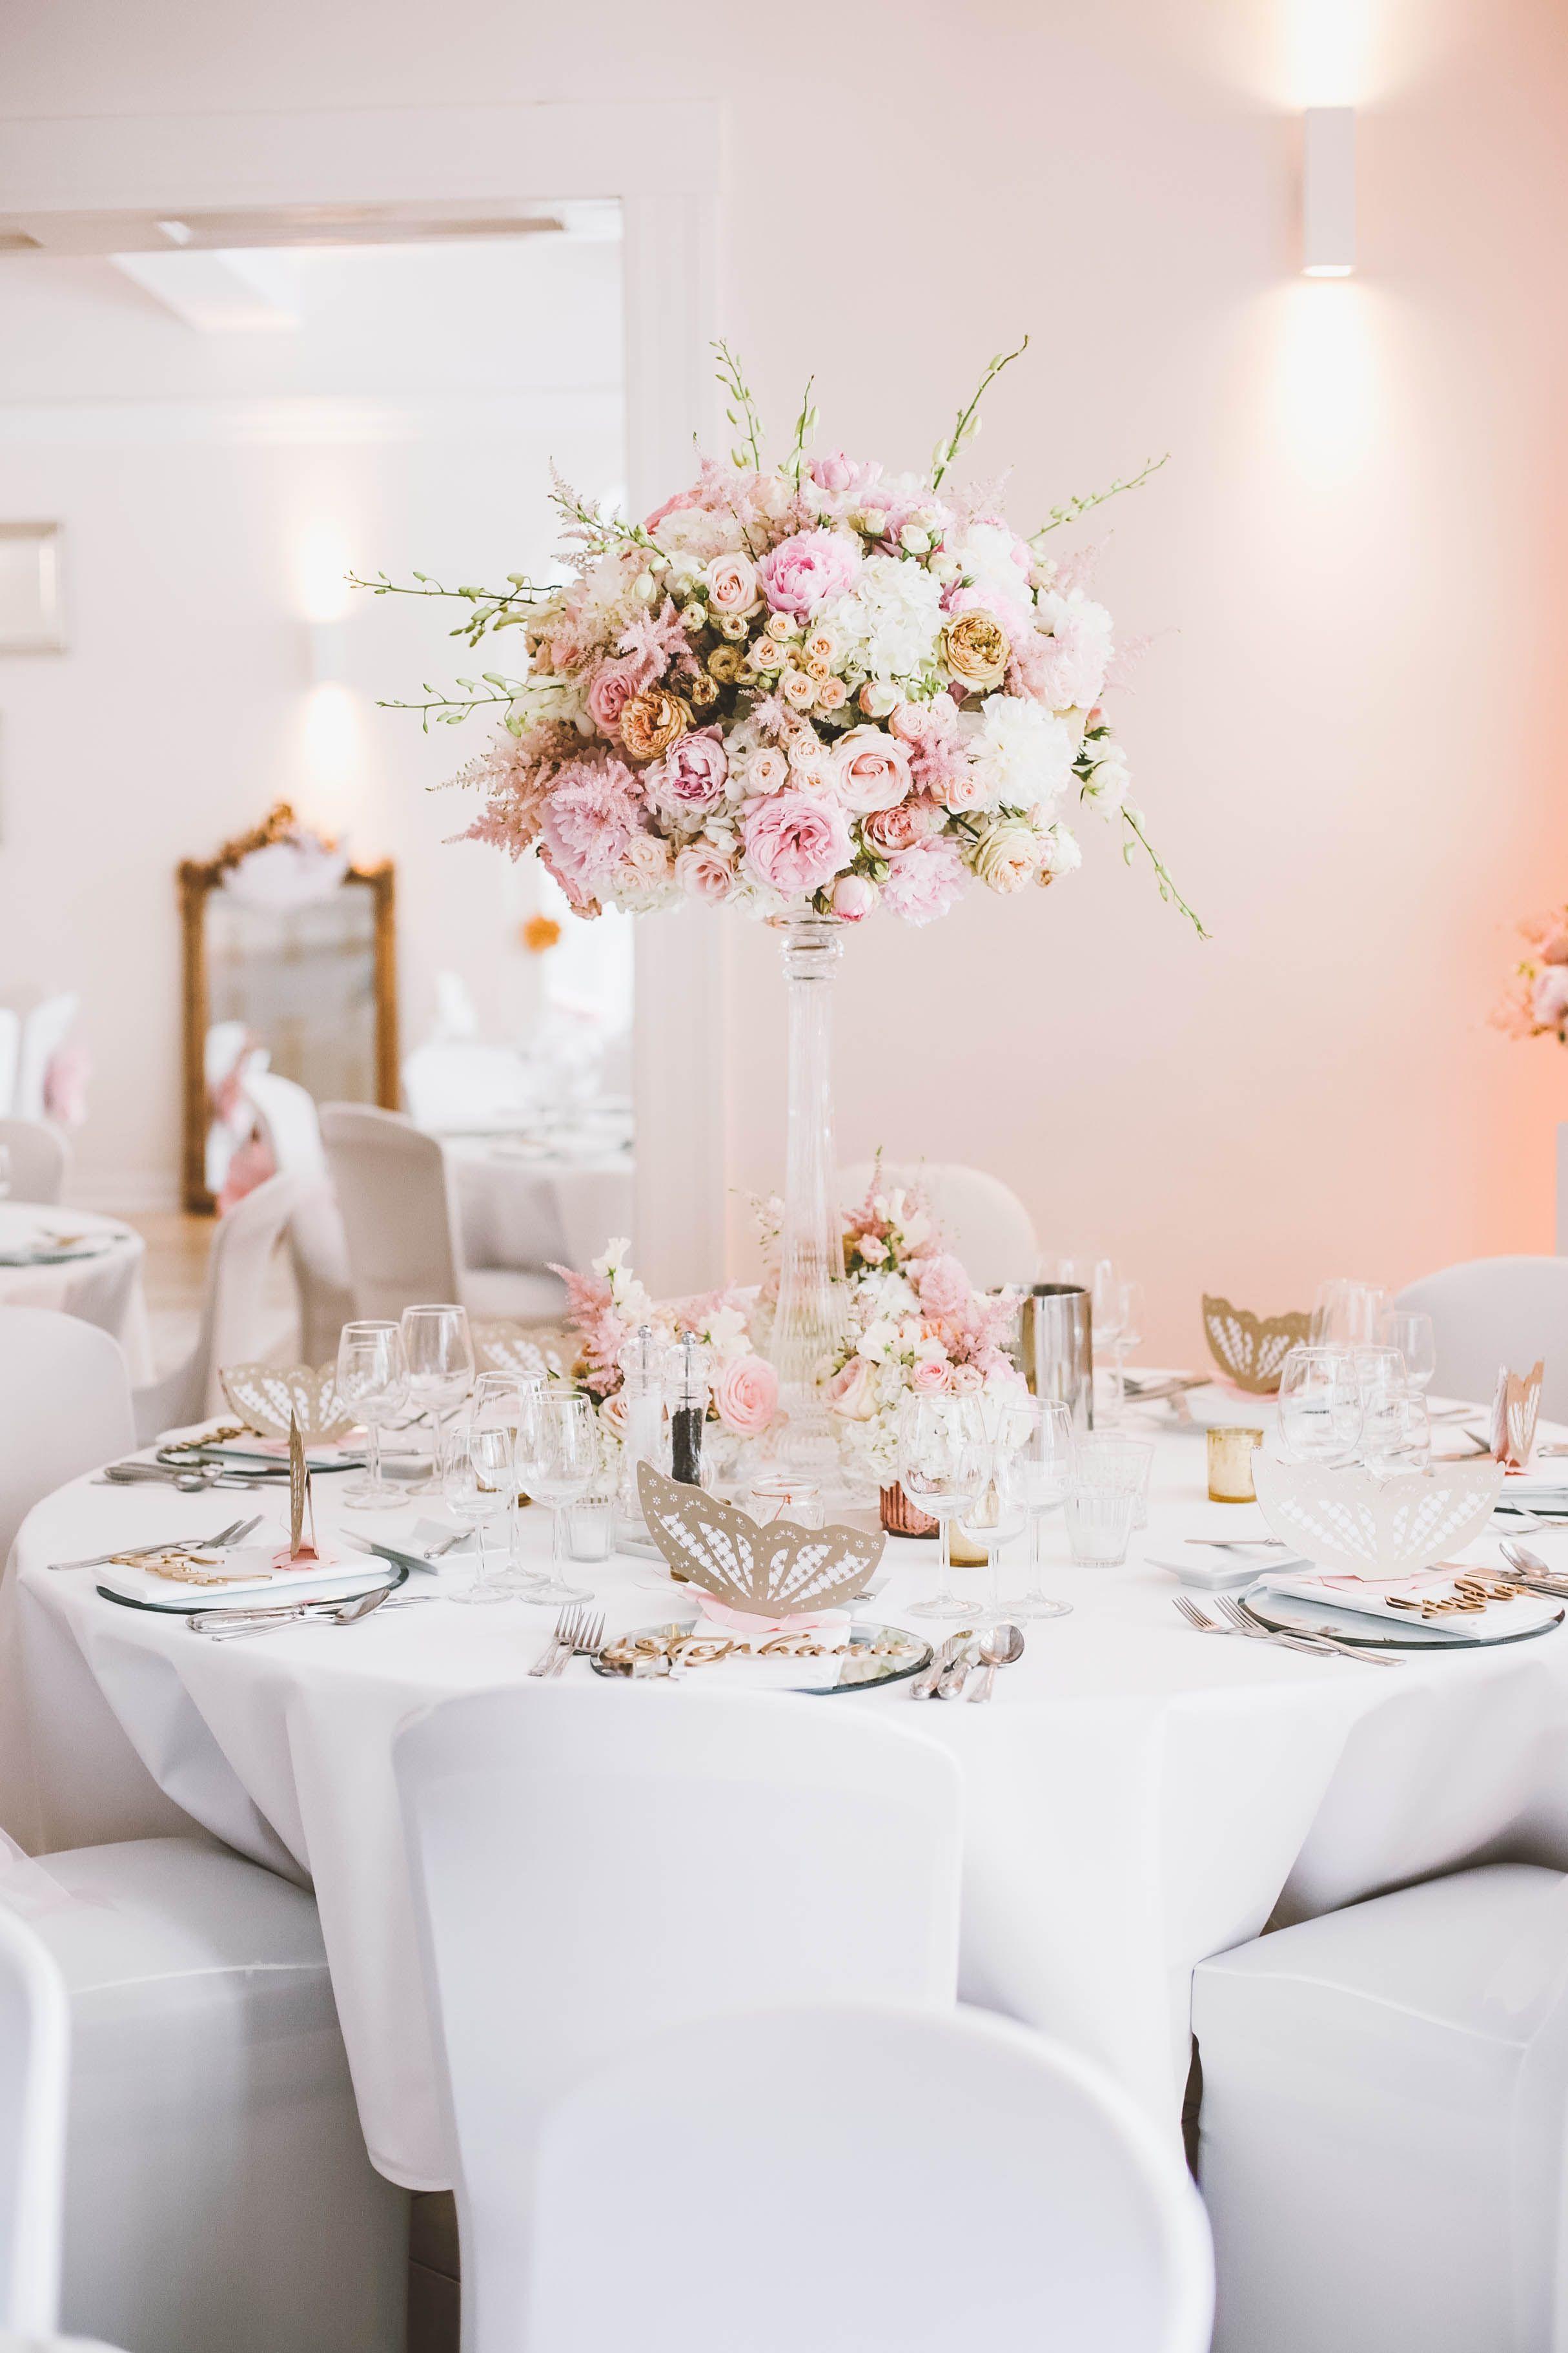 Hochzeit Tisch  Tischdekoration hohes Gesteck auf Tisch rosa blush